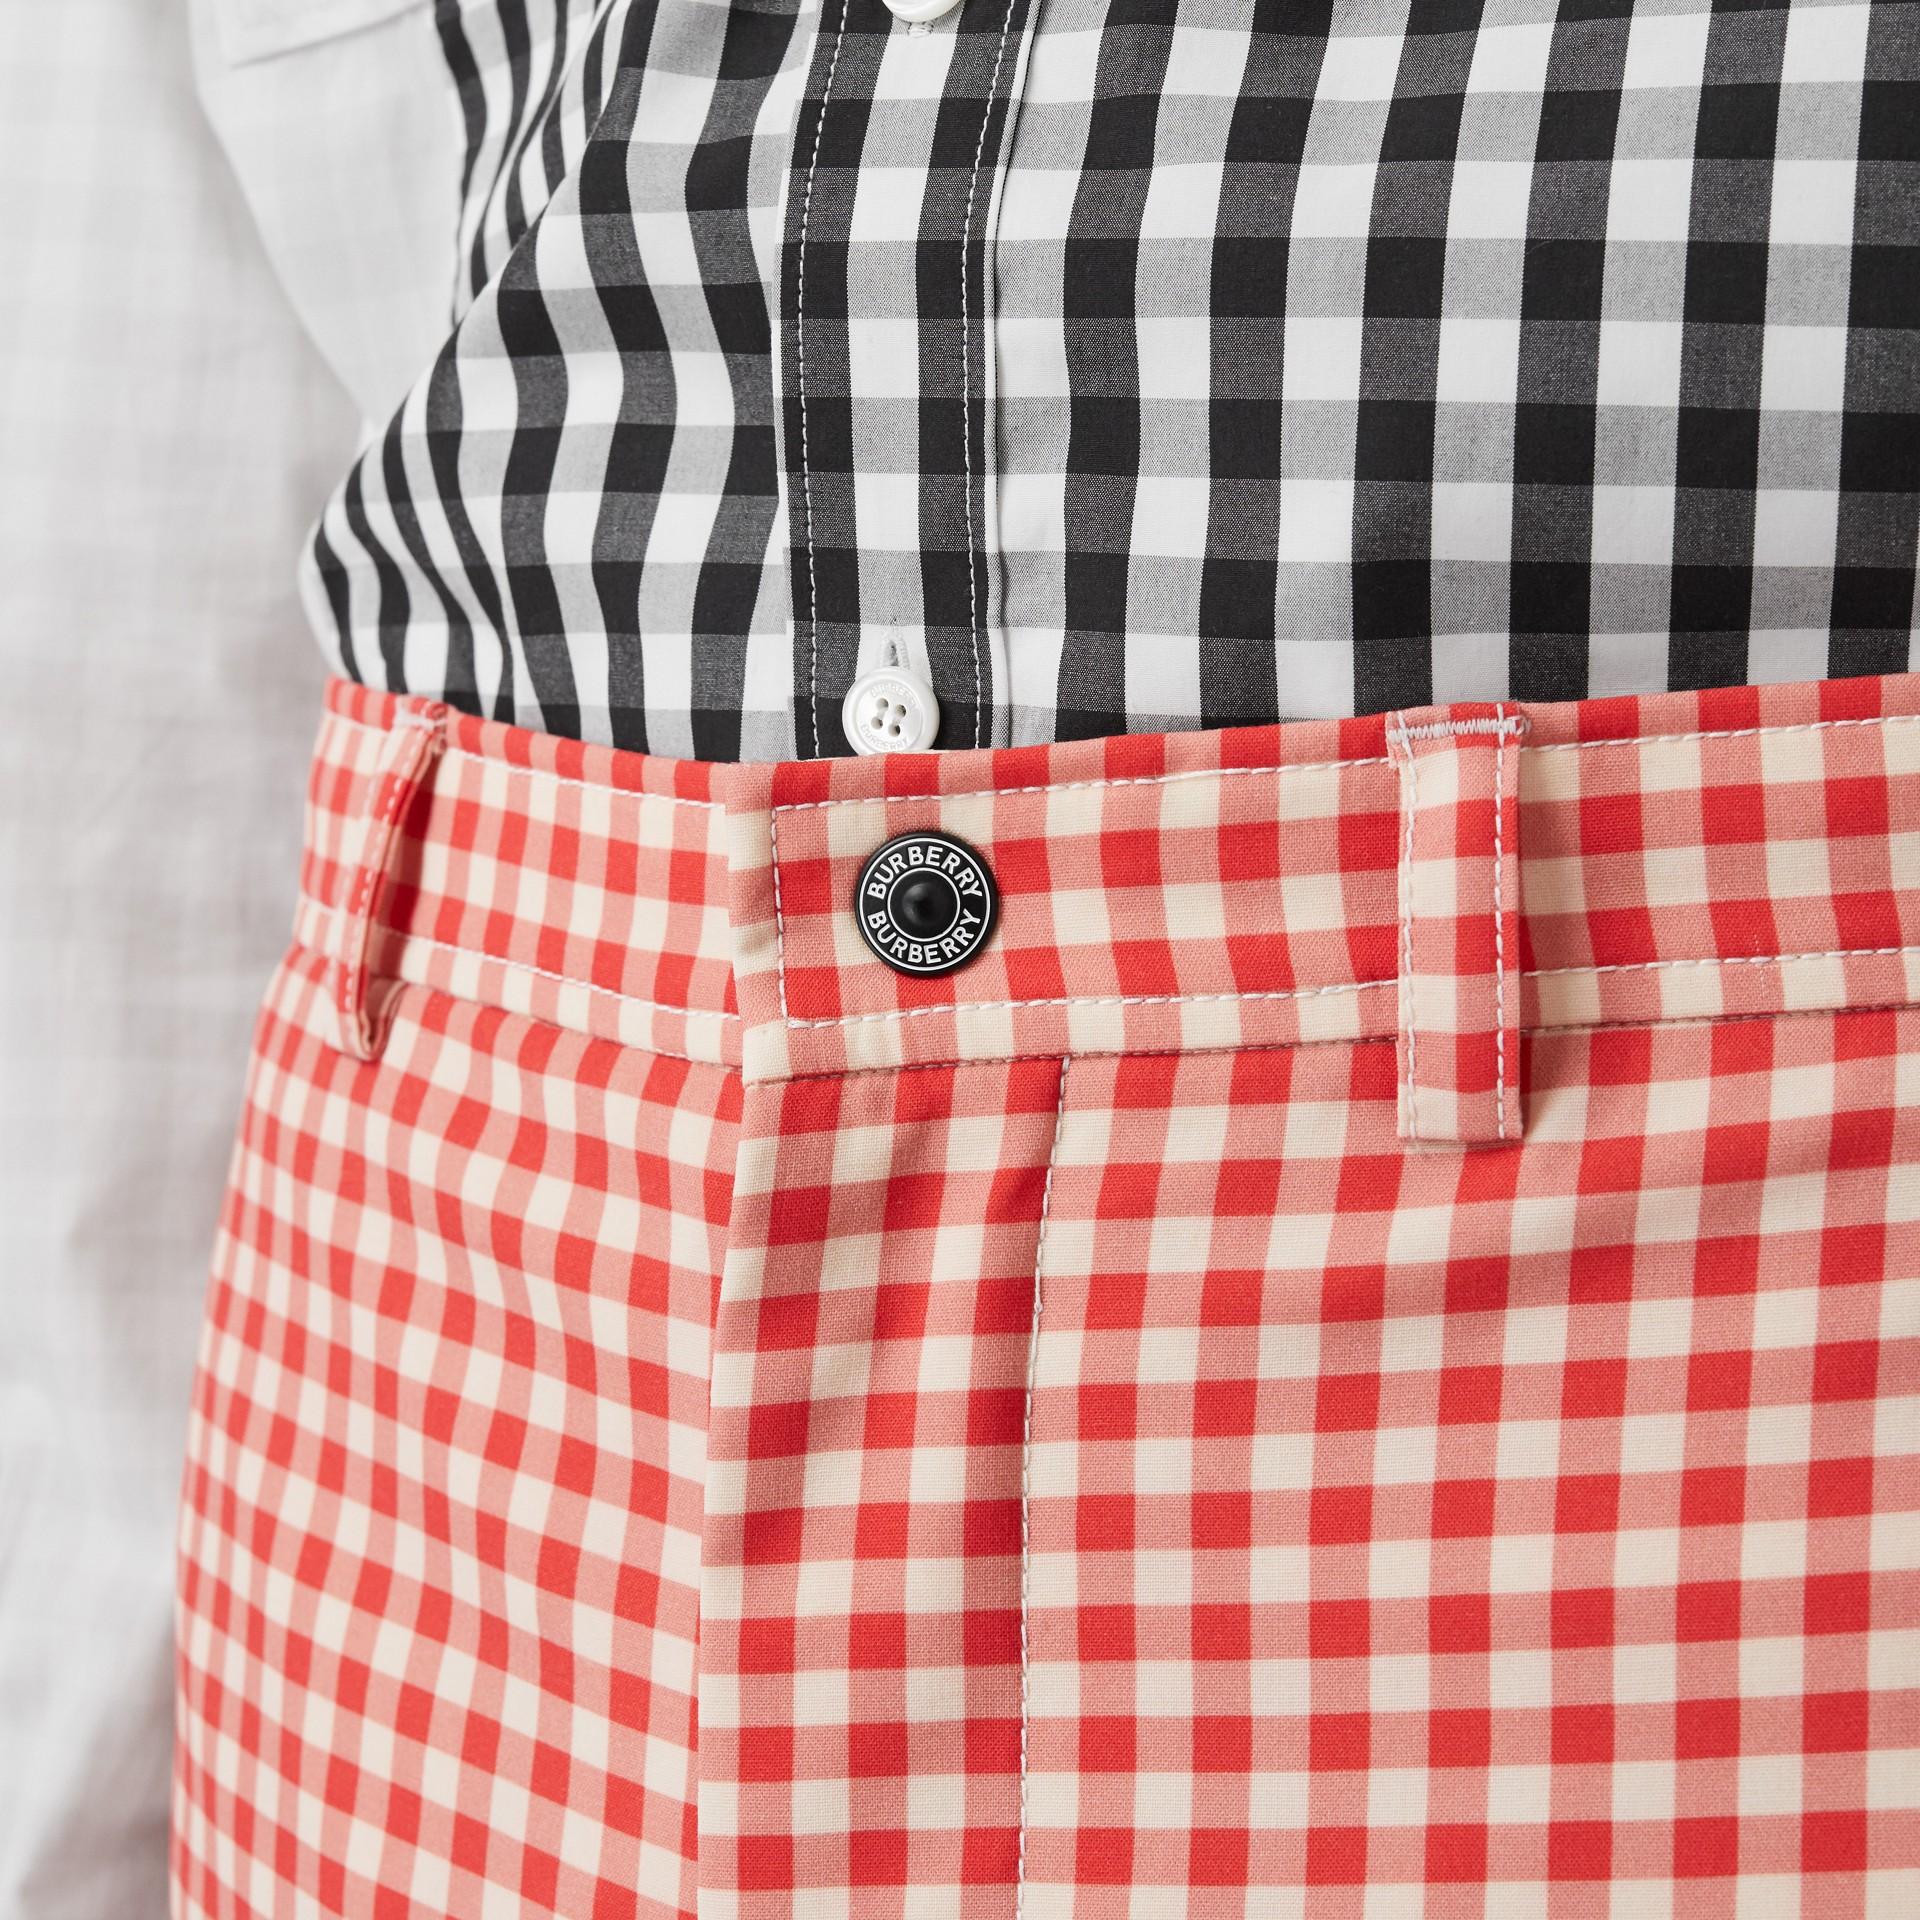 Calças de algodão stretch com estampa xadrez Gingham e recorte traseiro vazado (Vermelho) | Burberry - galeria de imagens 6